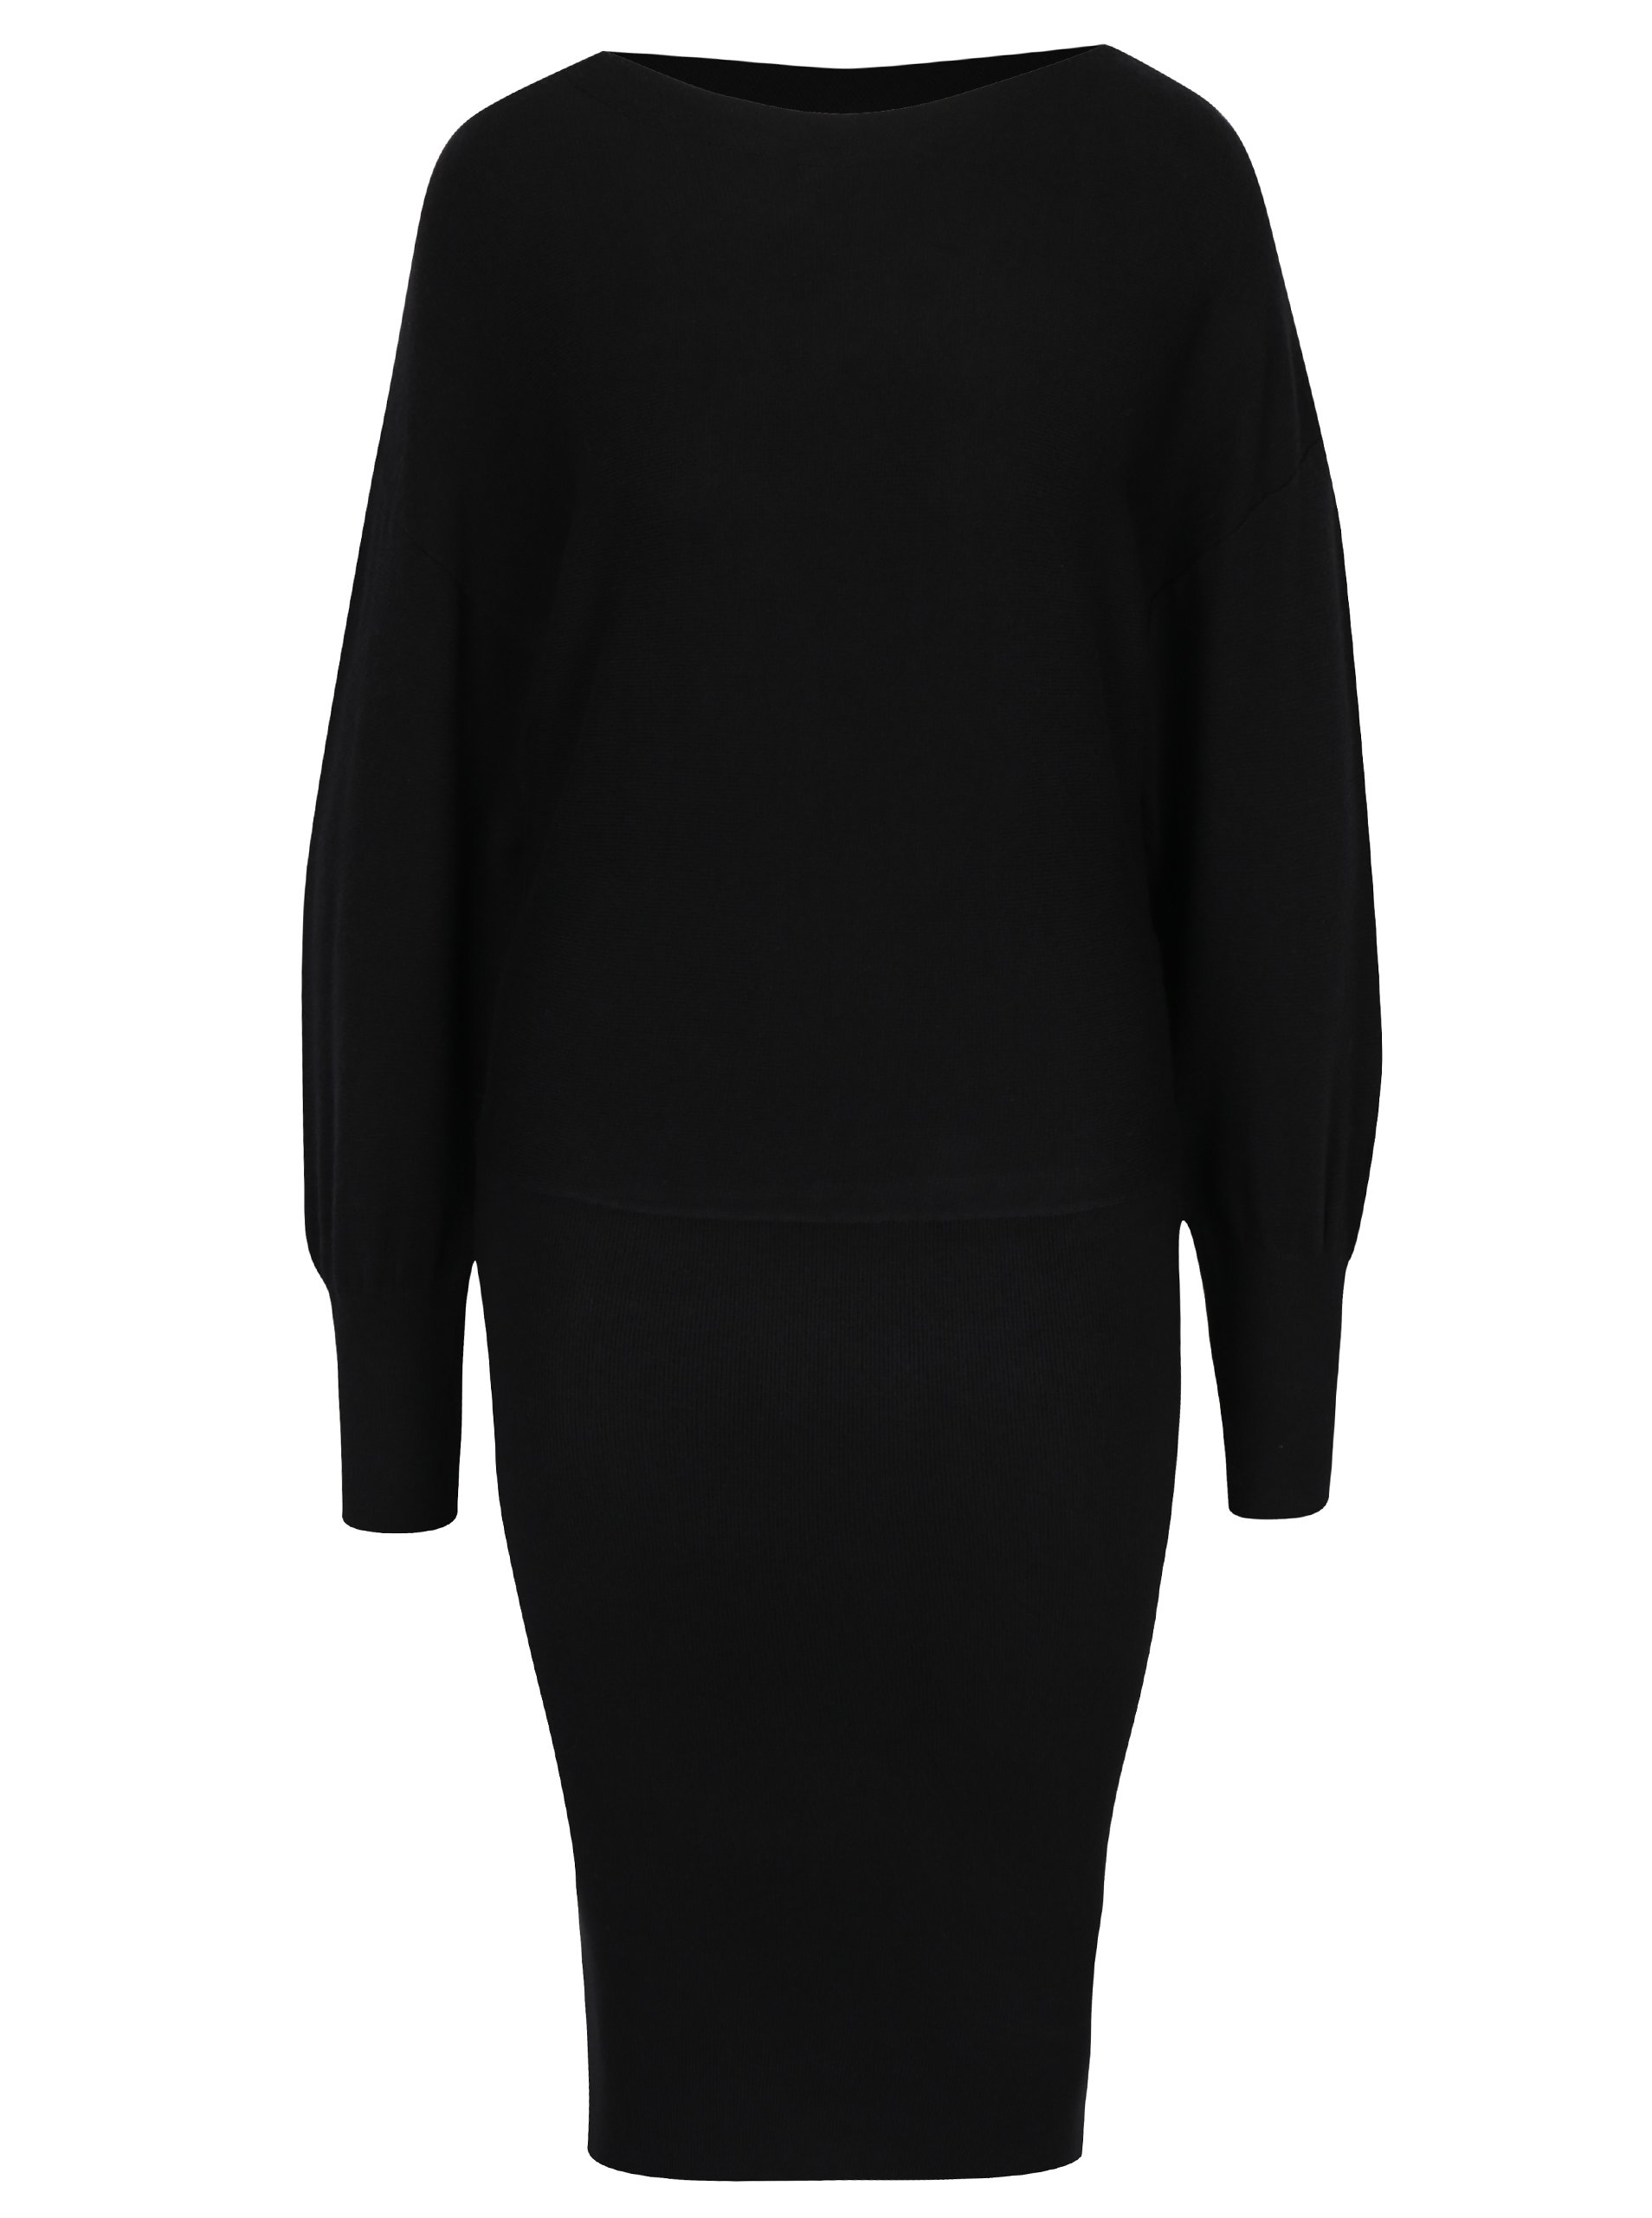 Černé svetrové šaty s dlouhým rukávem VILA Noma